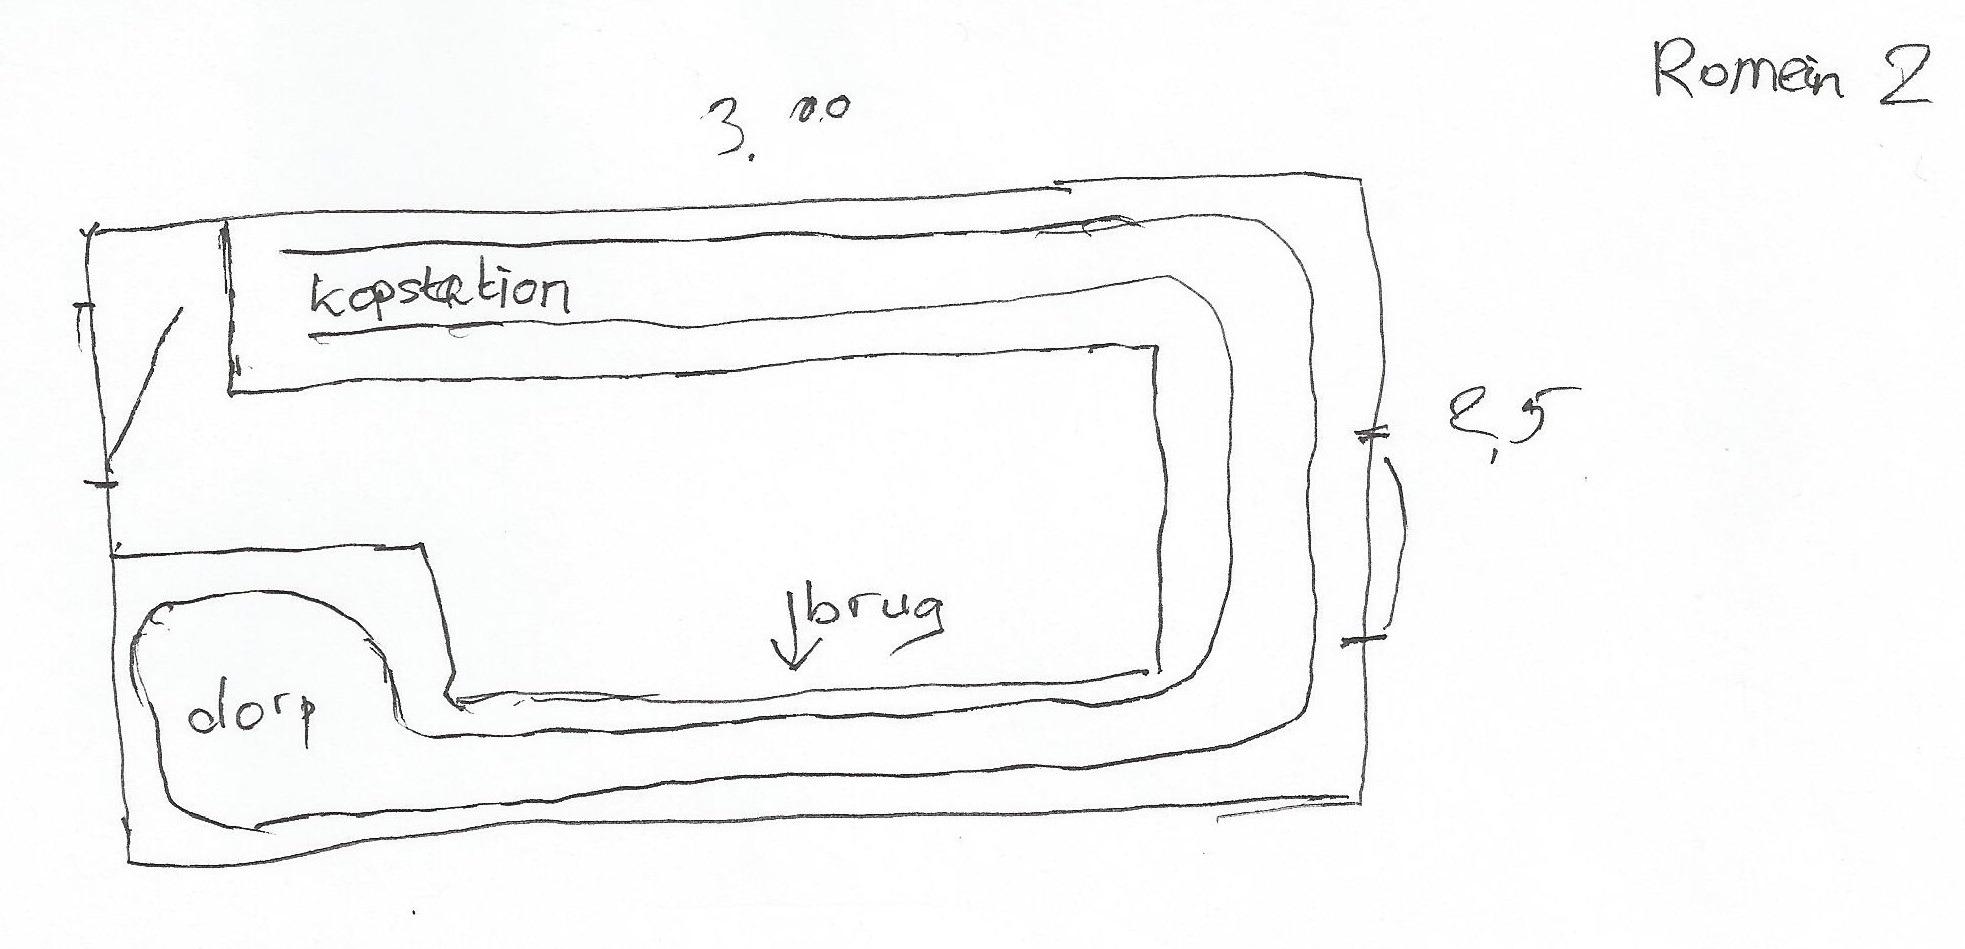 Voorbeeld schets-2 oude romeinse brug